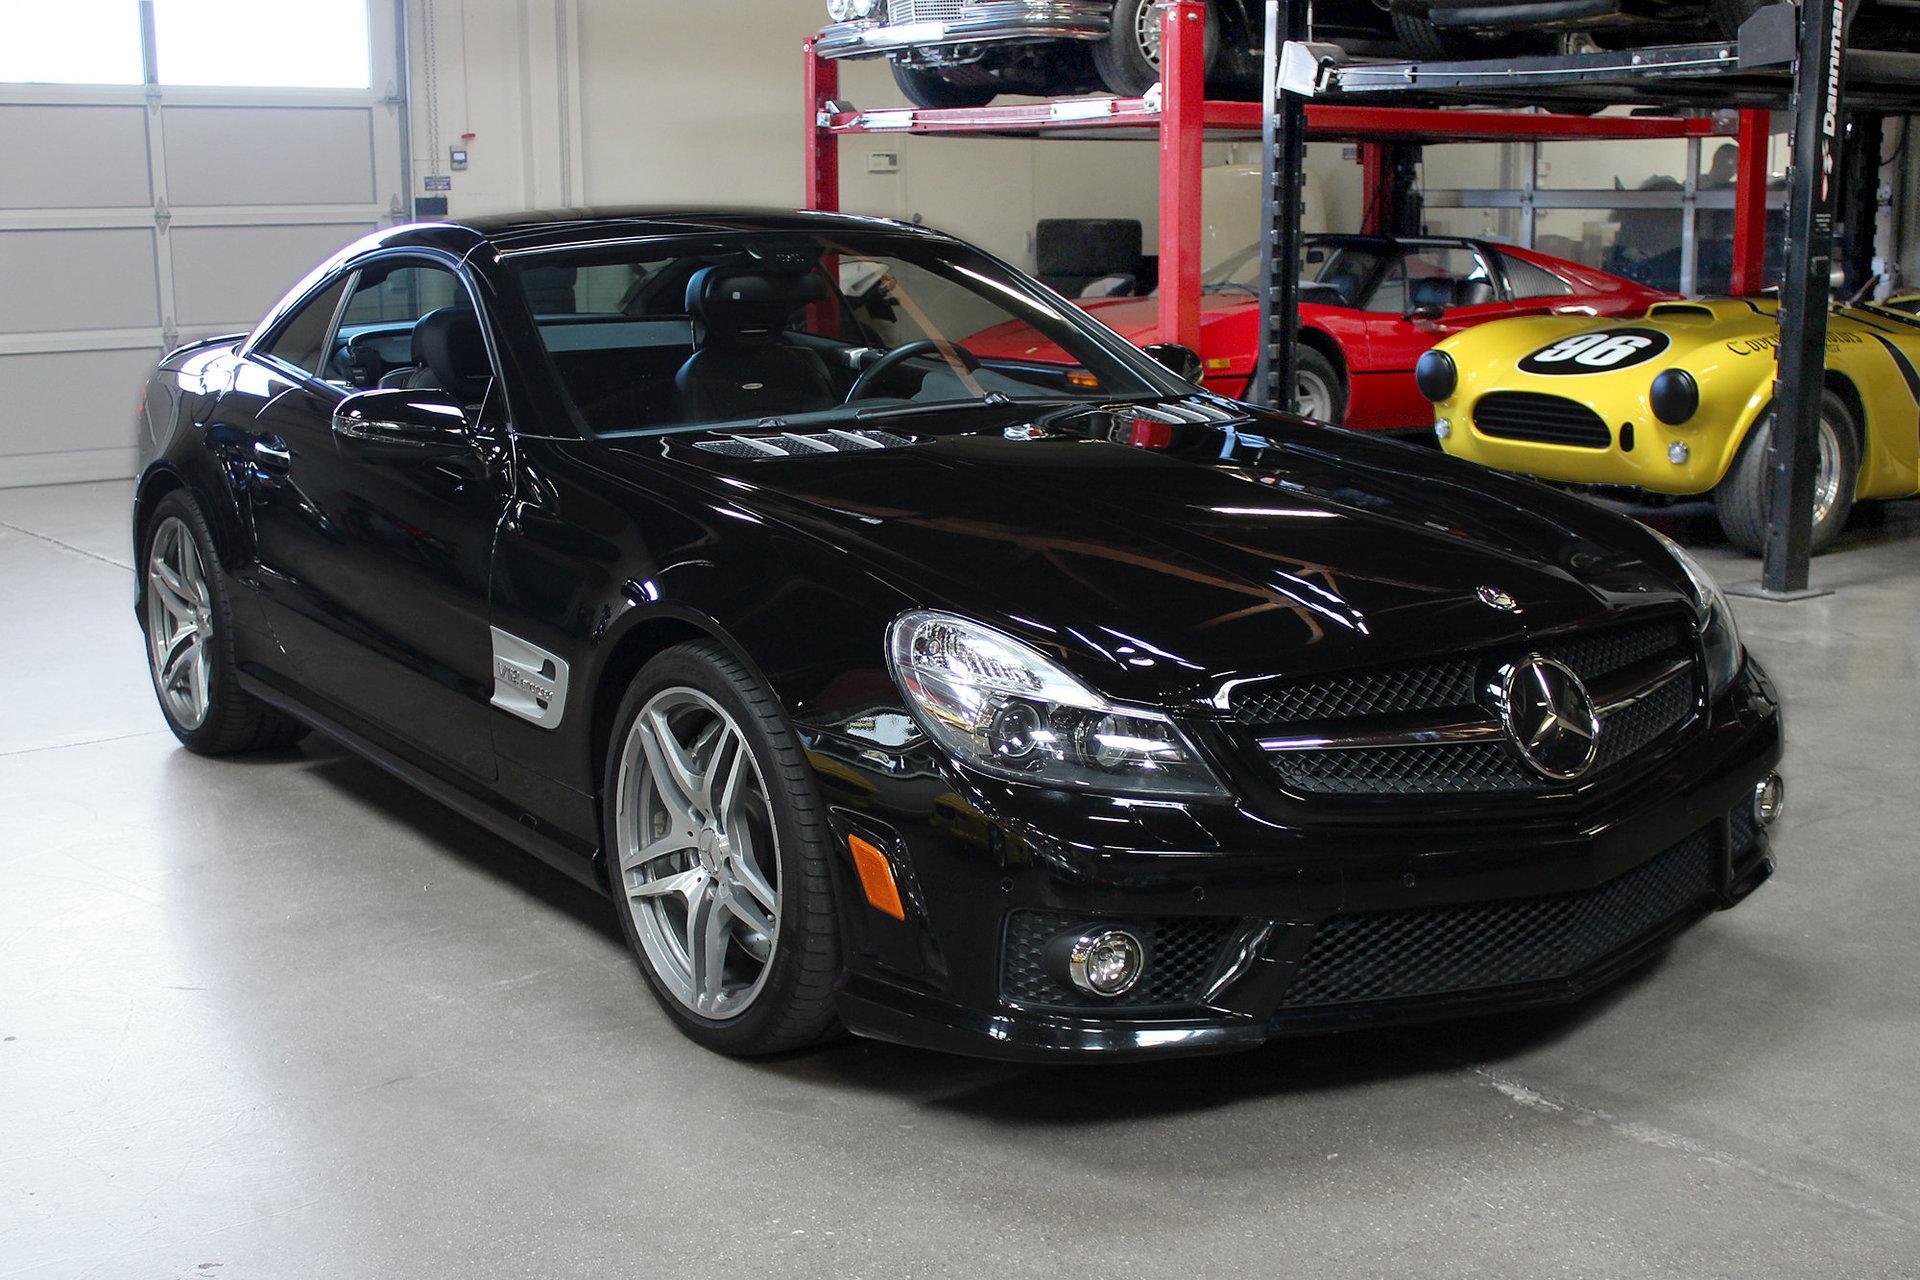 37635c5c45944 hd 2009 mercedes benz sl class 2dr roadster 6 0l amg